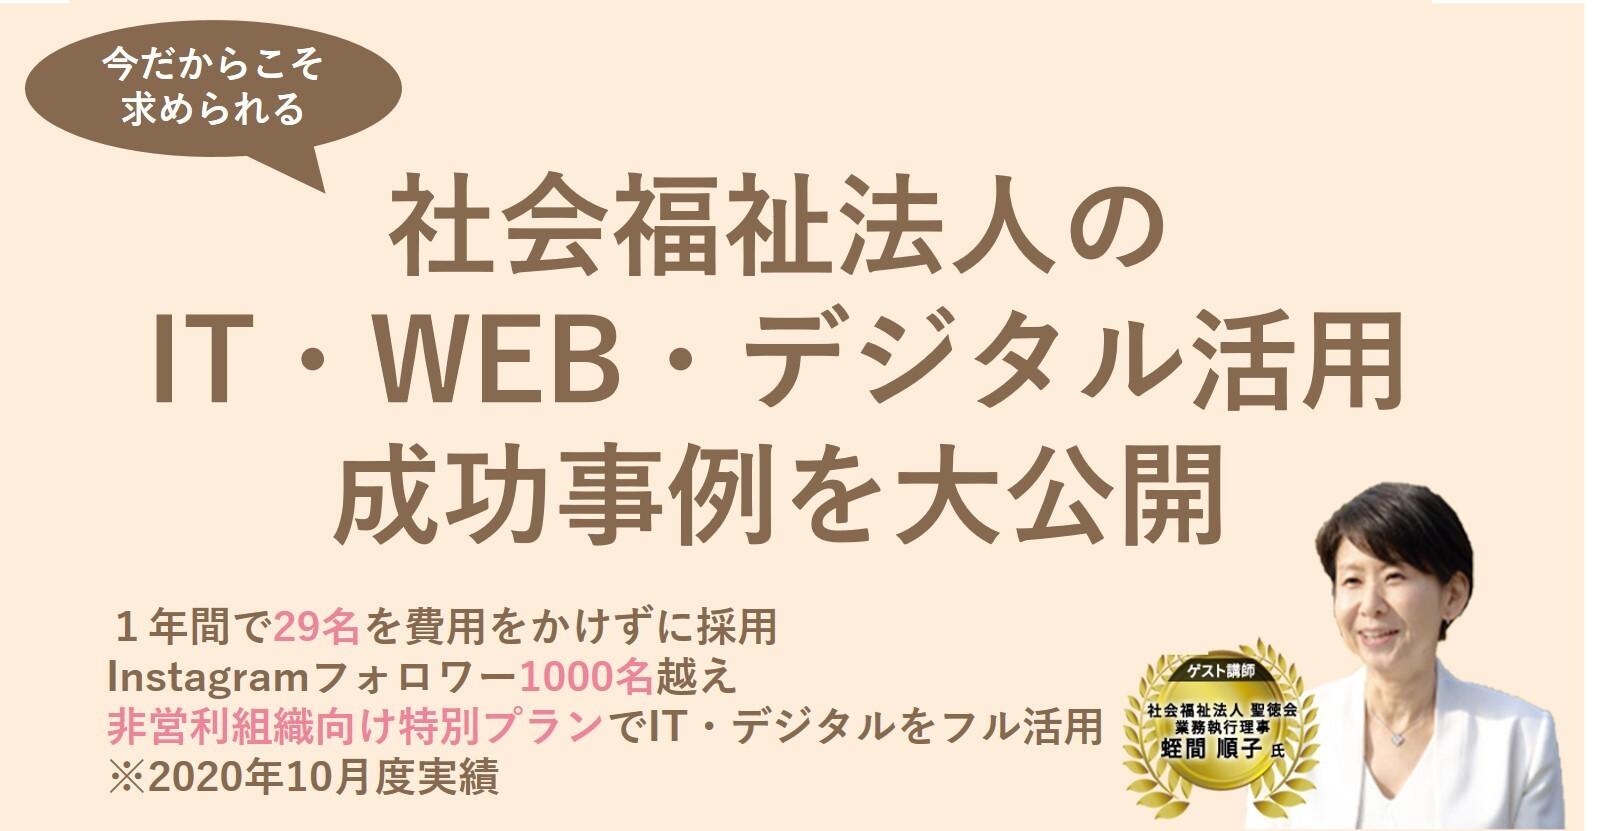 社会福祉法人向け0円採用&0円デジタル広報セミナー